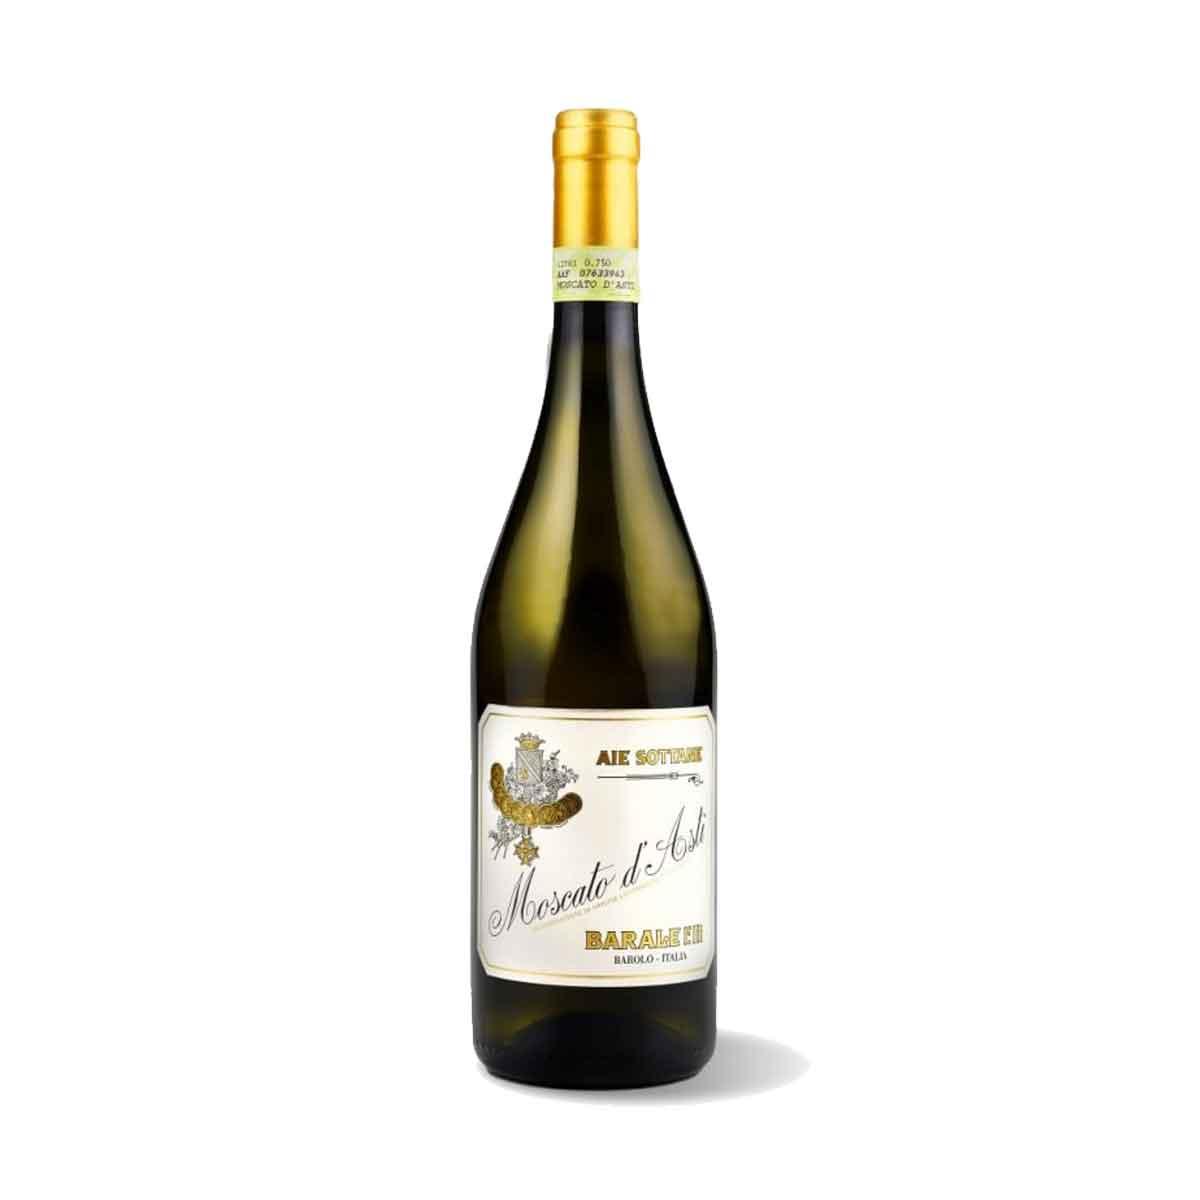 Moscato d'Asti Aie Sottane, Vendita Vini Dolci Online Privilege Wine